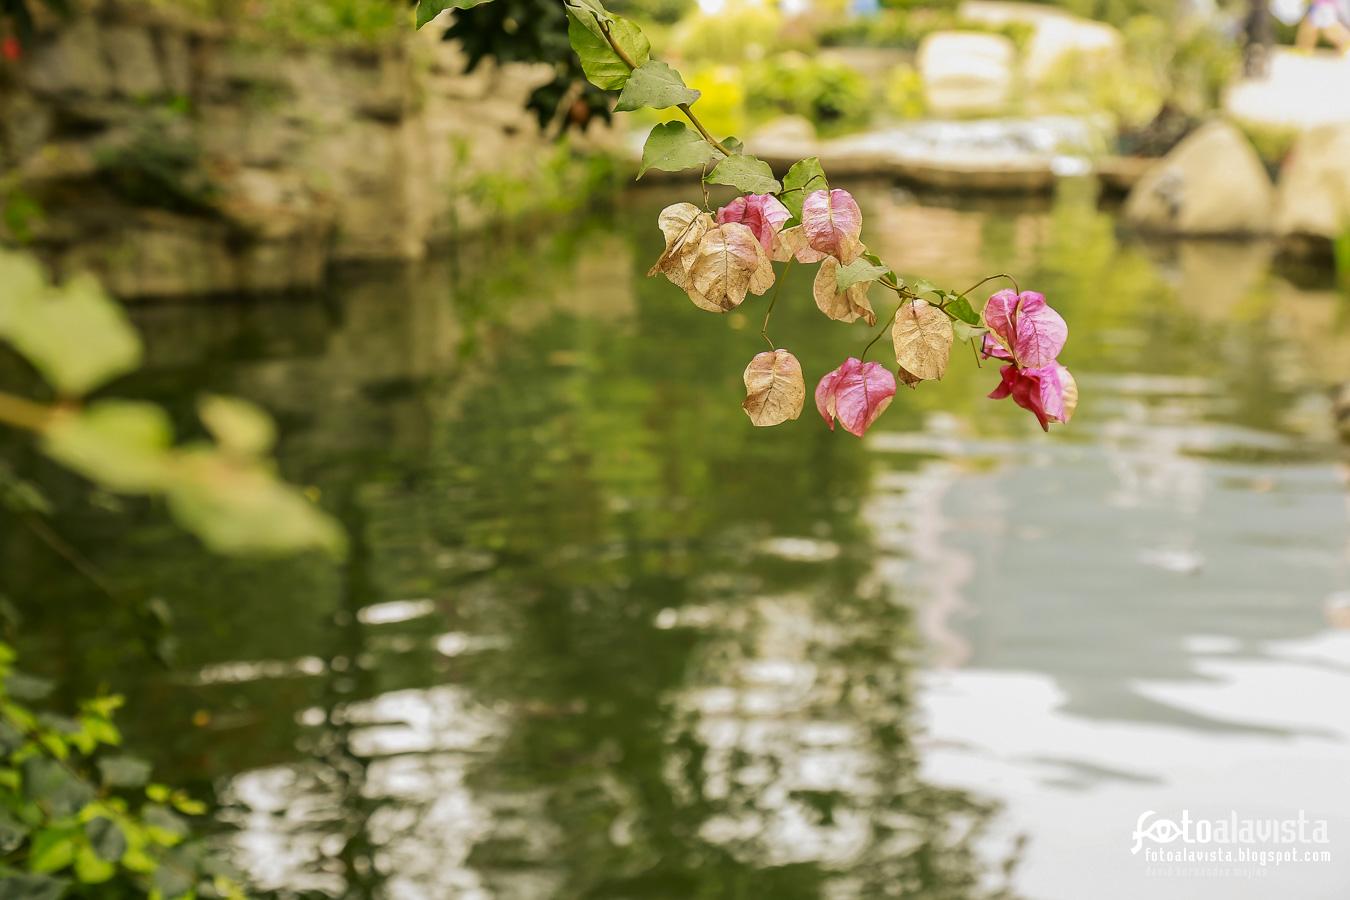 Dejando flores por el camino - Fotografía artística